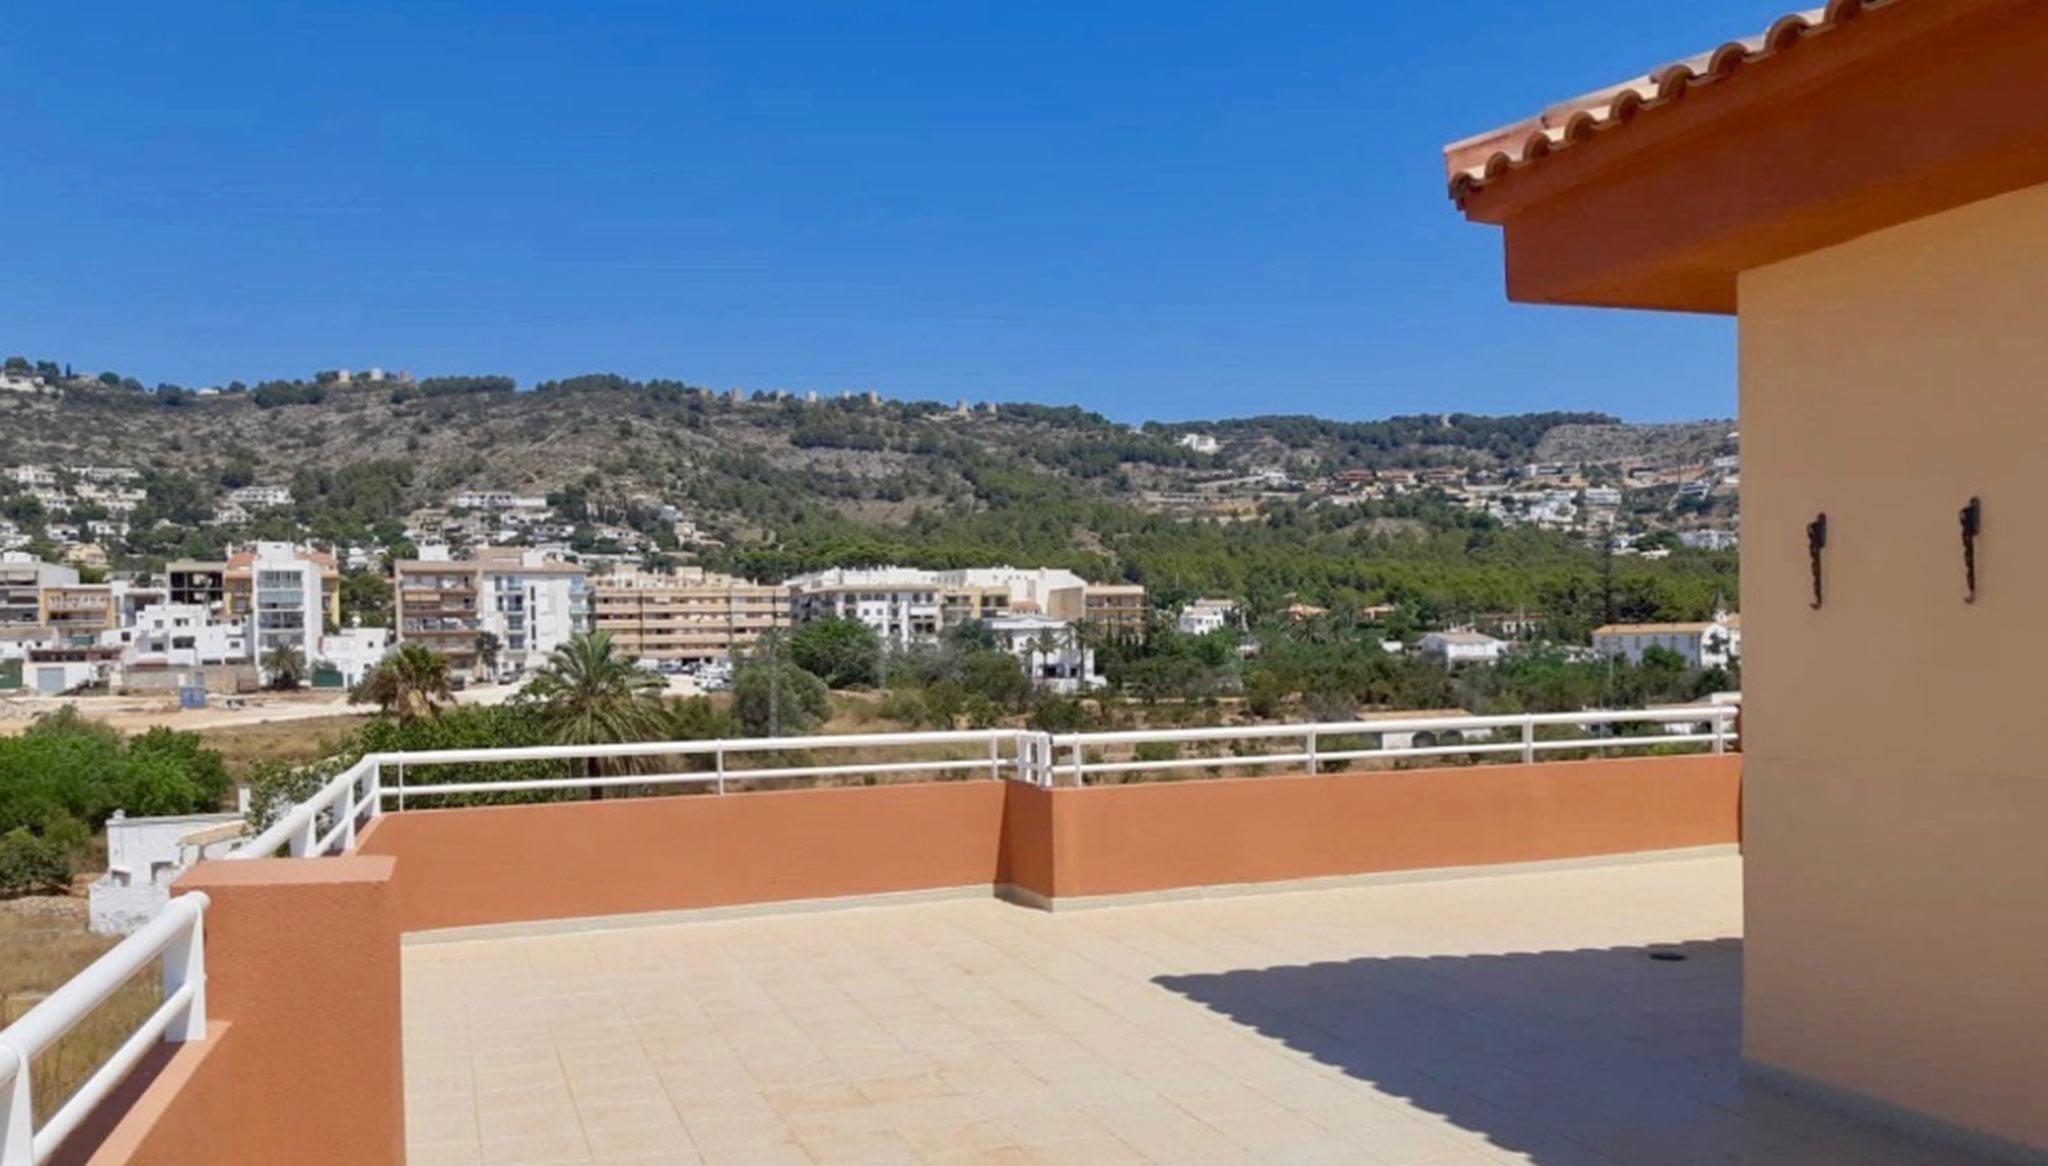 Vistas desde un ático dúplex en venta en Jávea – MORAGUESPONS Mediterranean Houses